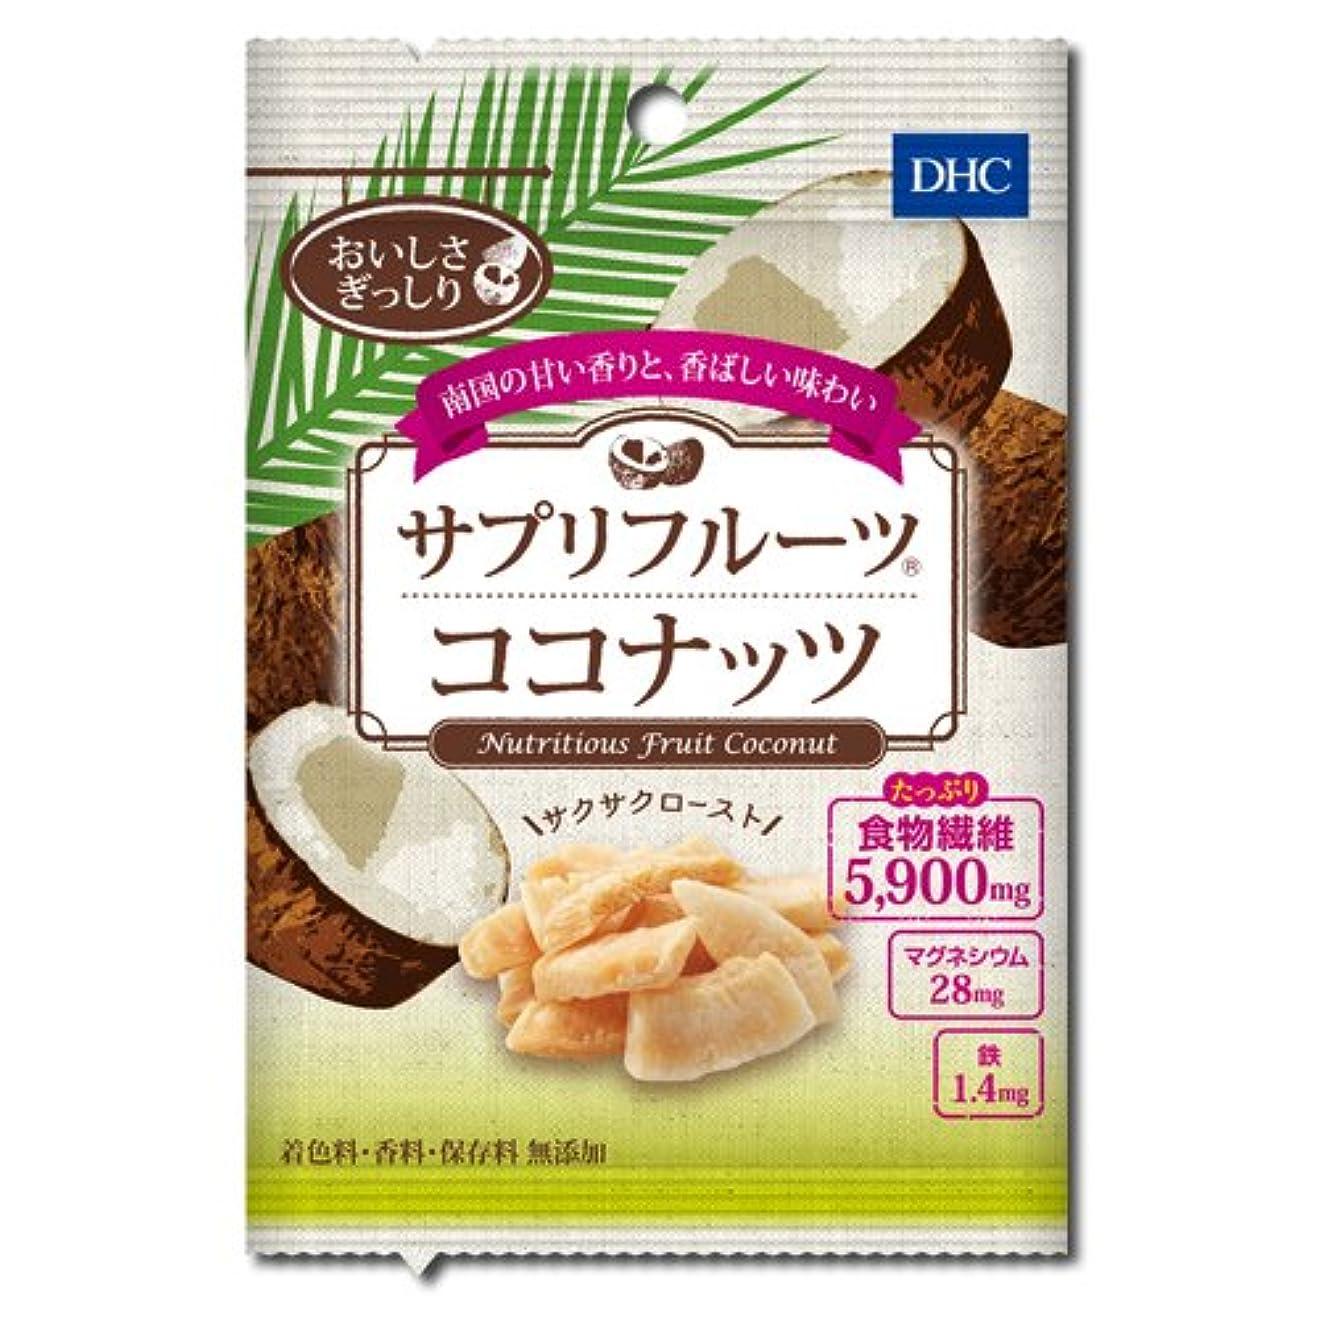 実用的両方床DHCサプリフルーツ ココナッツ